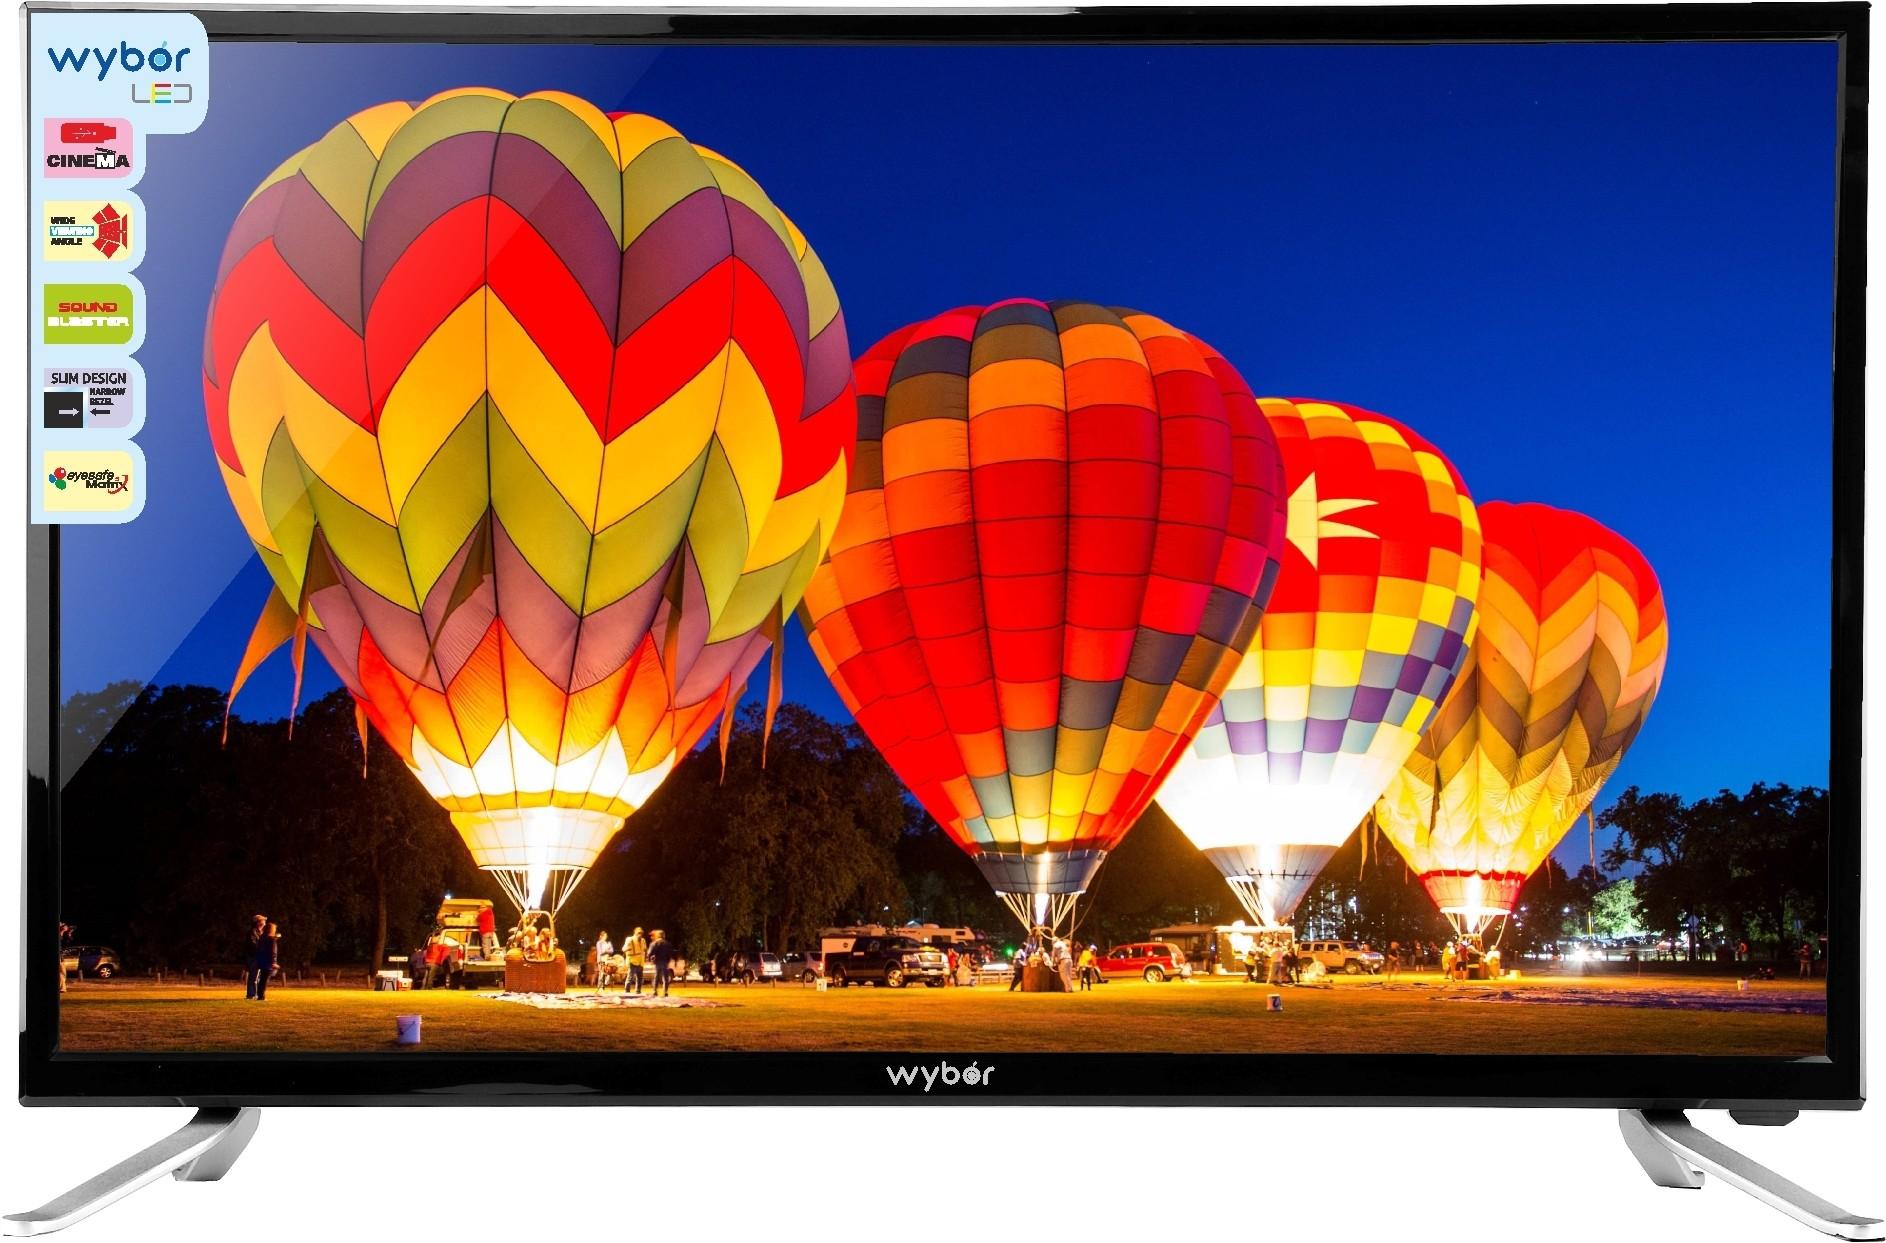 WYBOR W40 MI 15 40 Inches Full HD LED TV